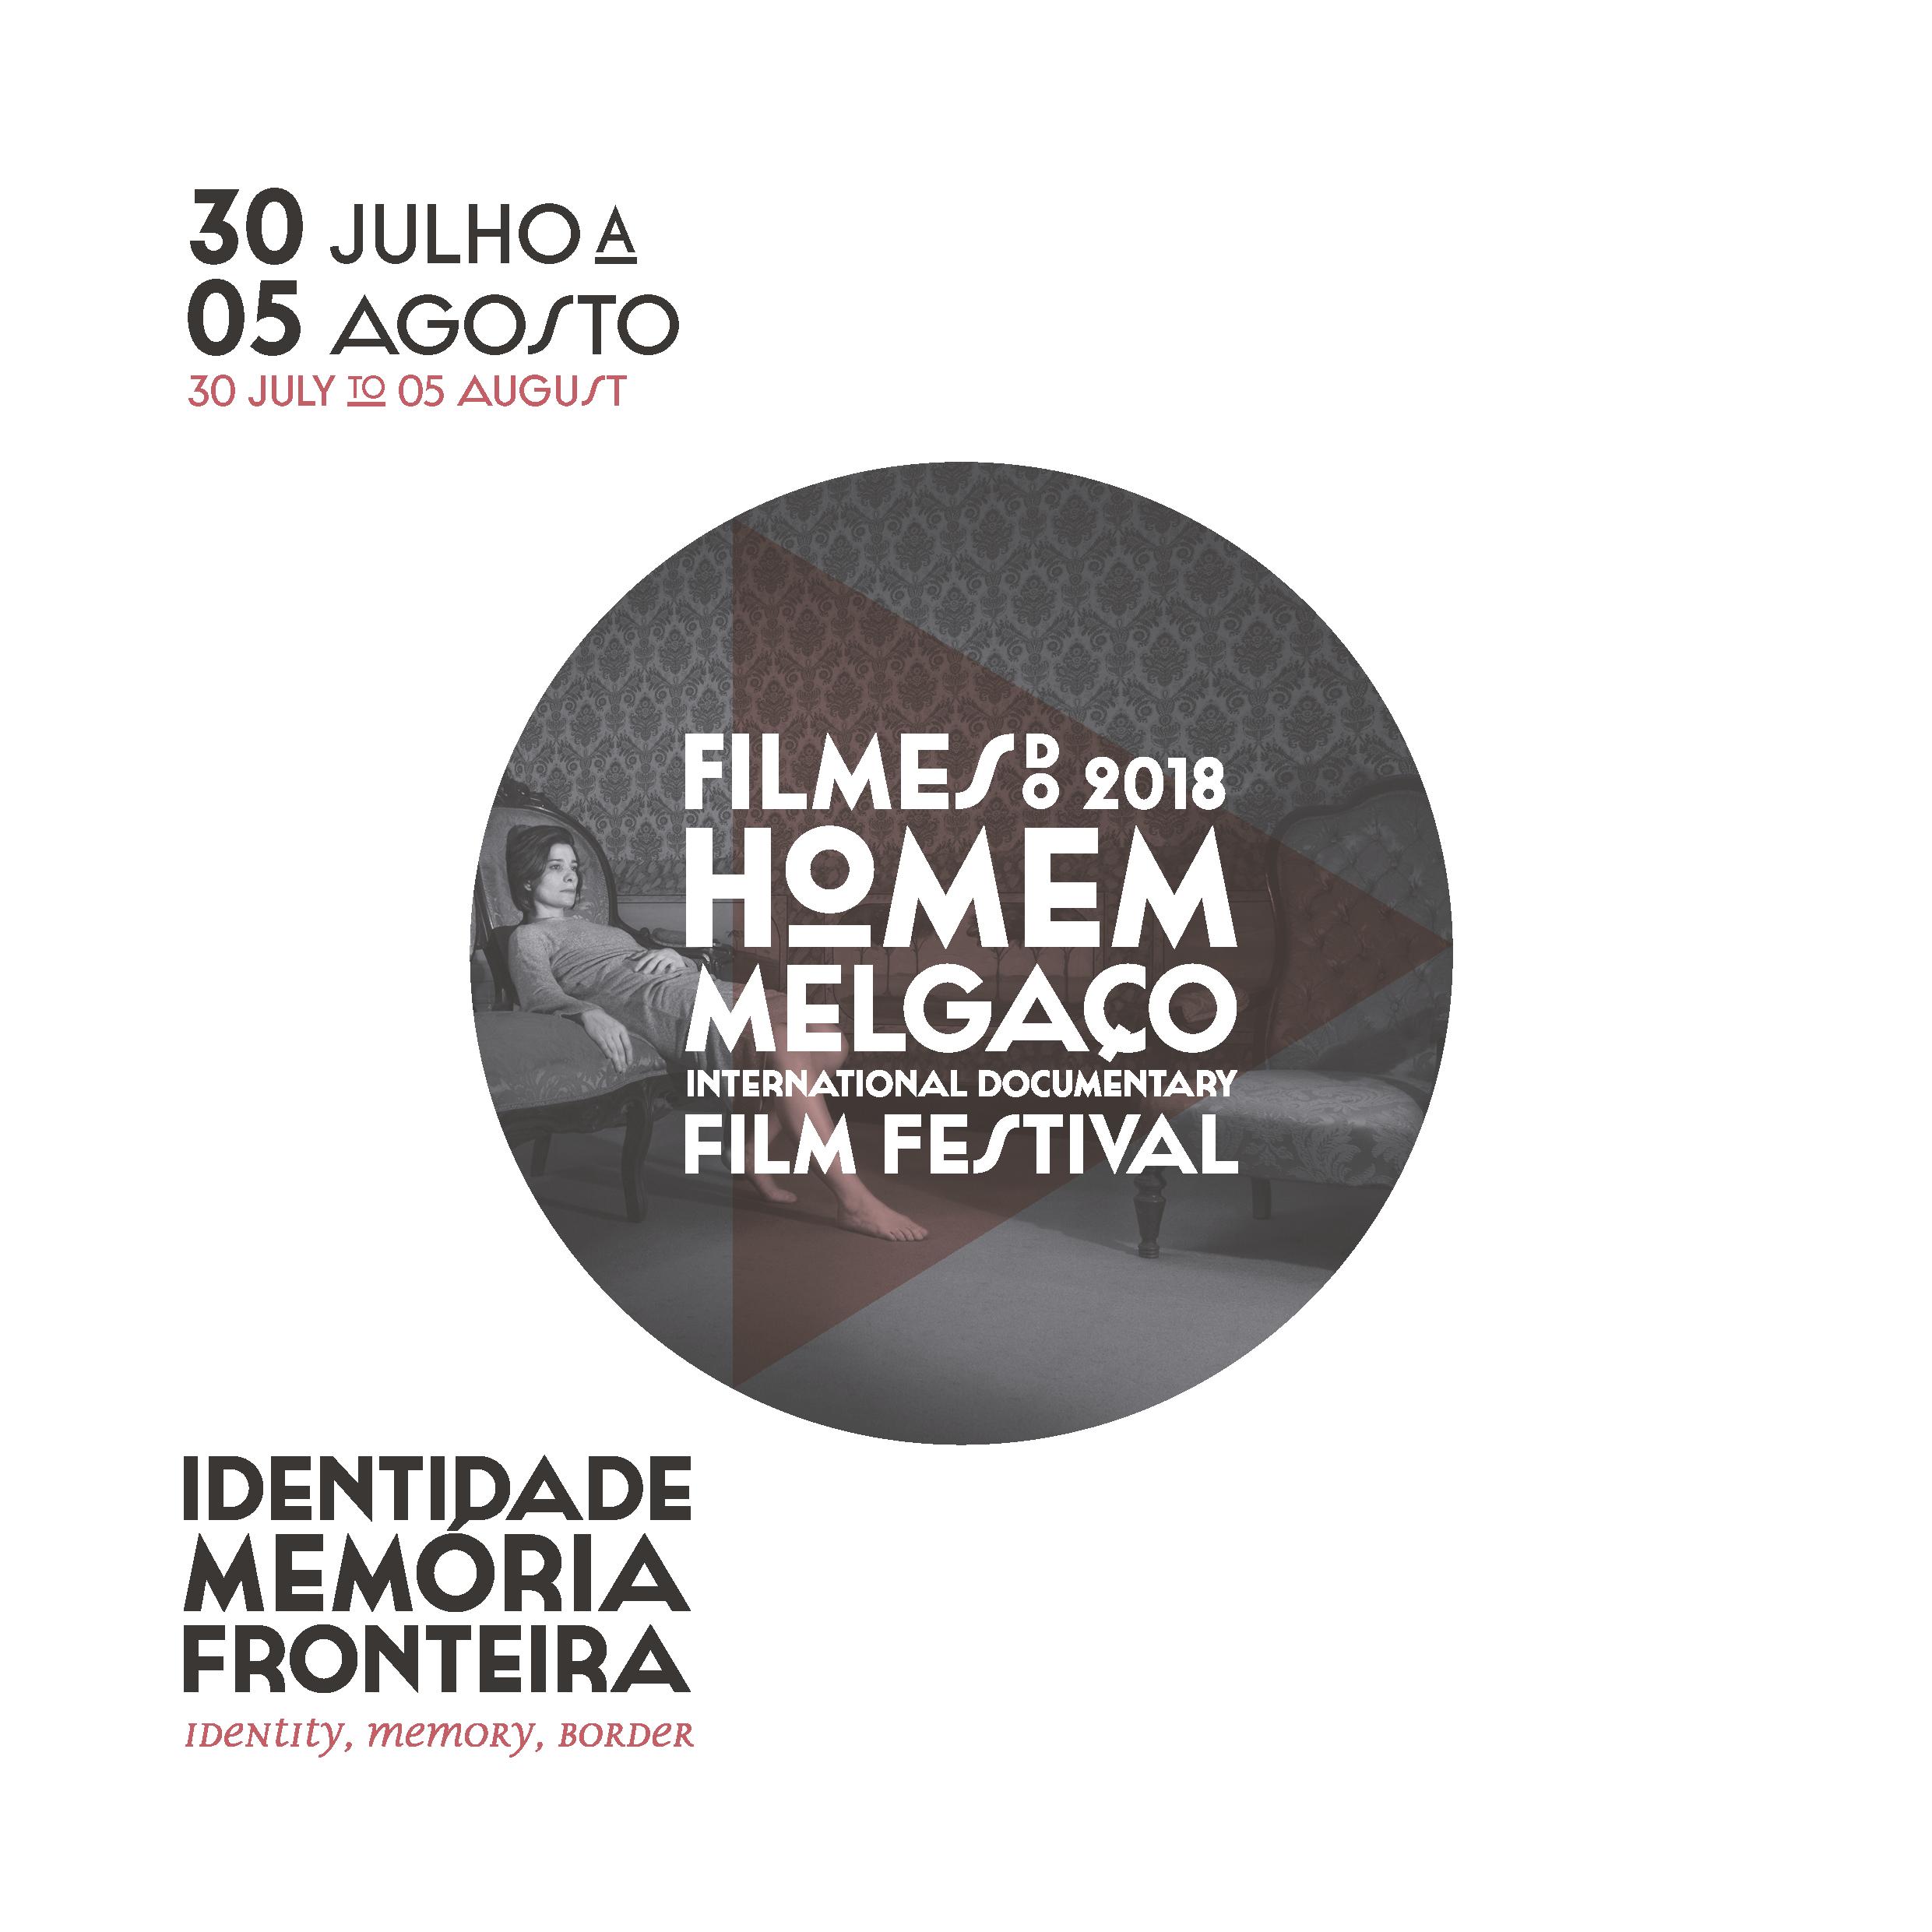 Filmes do Homem. Identidade, Memória, Fronteira.. 2018. Catálogo.